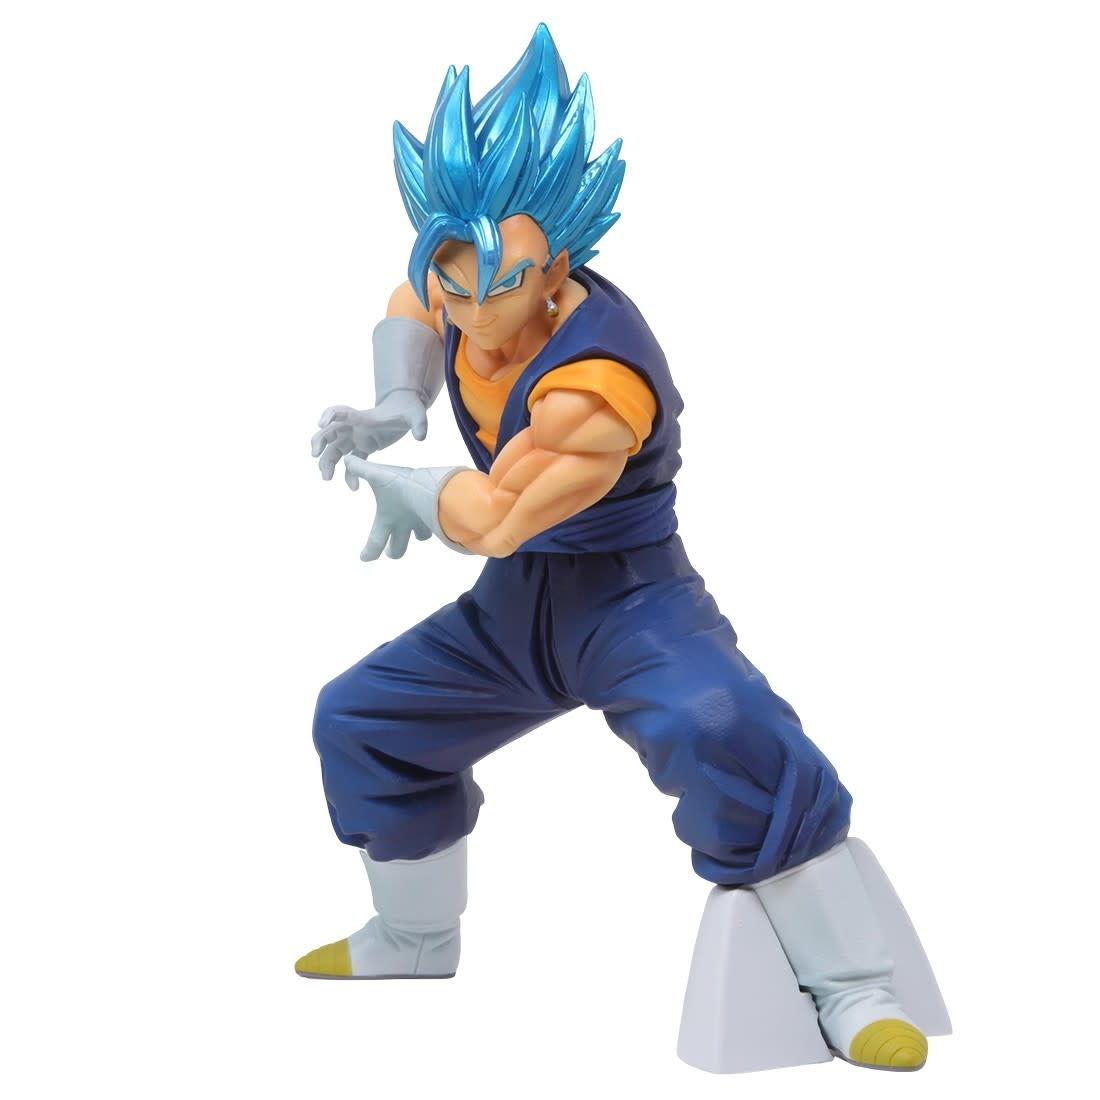 BanPresto Dragon Ball Super: Vegito -Final Kamehameha- Version 1